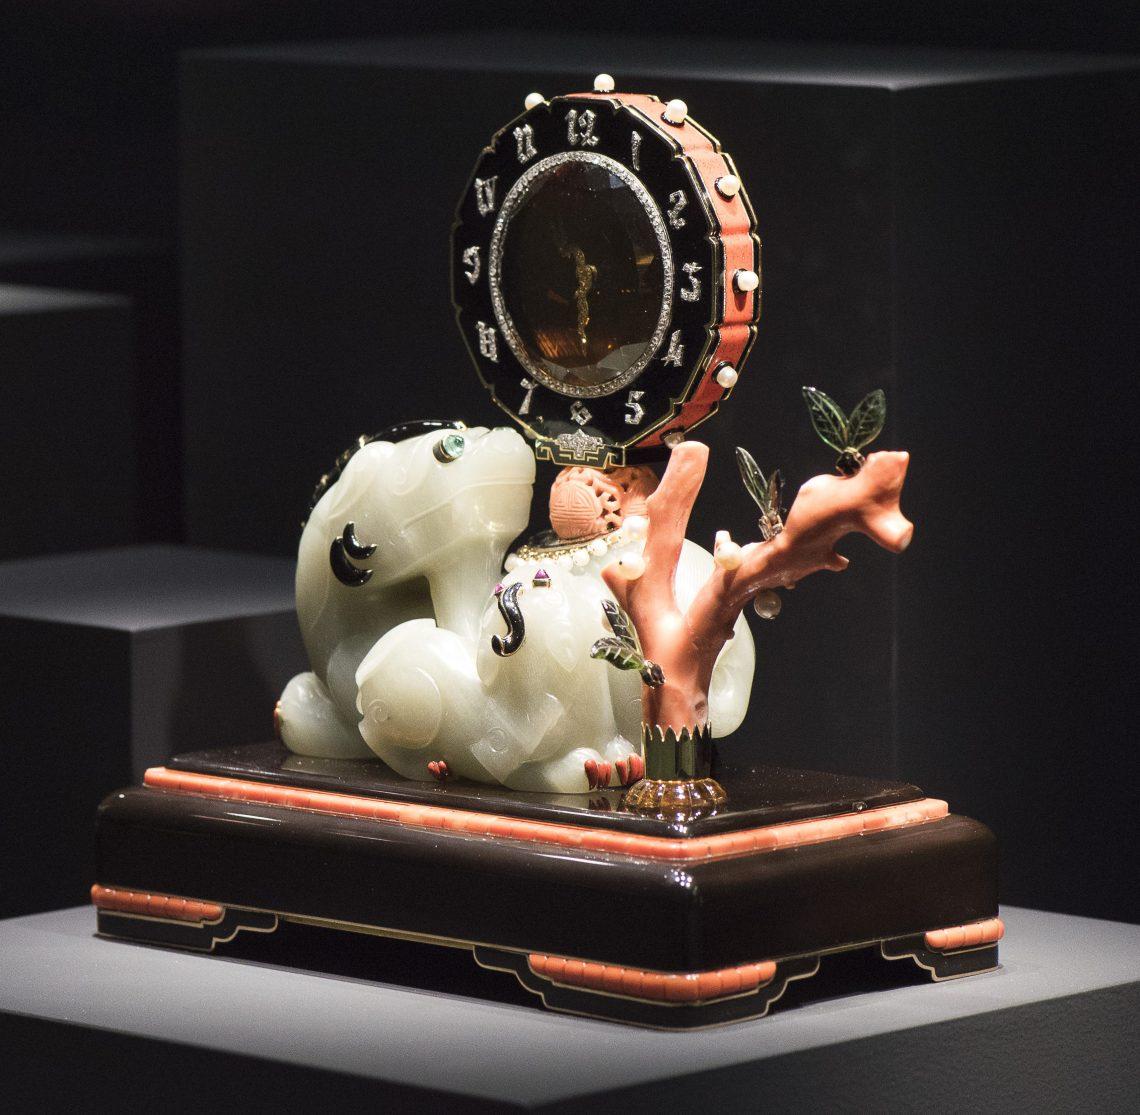 Maurice Couet voor Cartier, uurwerk, 1929. Ost trifft West, Aga Khan Collection, 2018. Foto met dank aan Schmuckmuseum Pforzheim, Petra Jaschke©